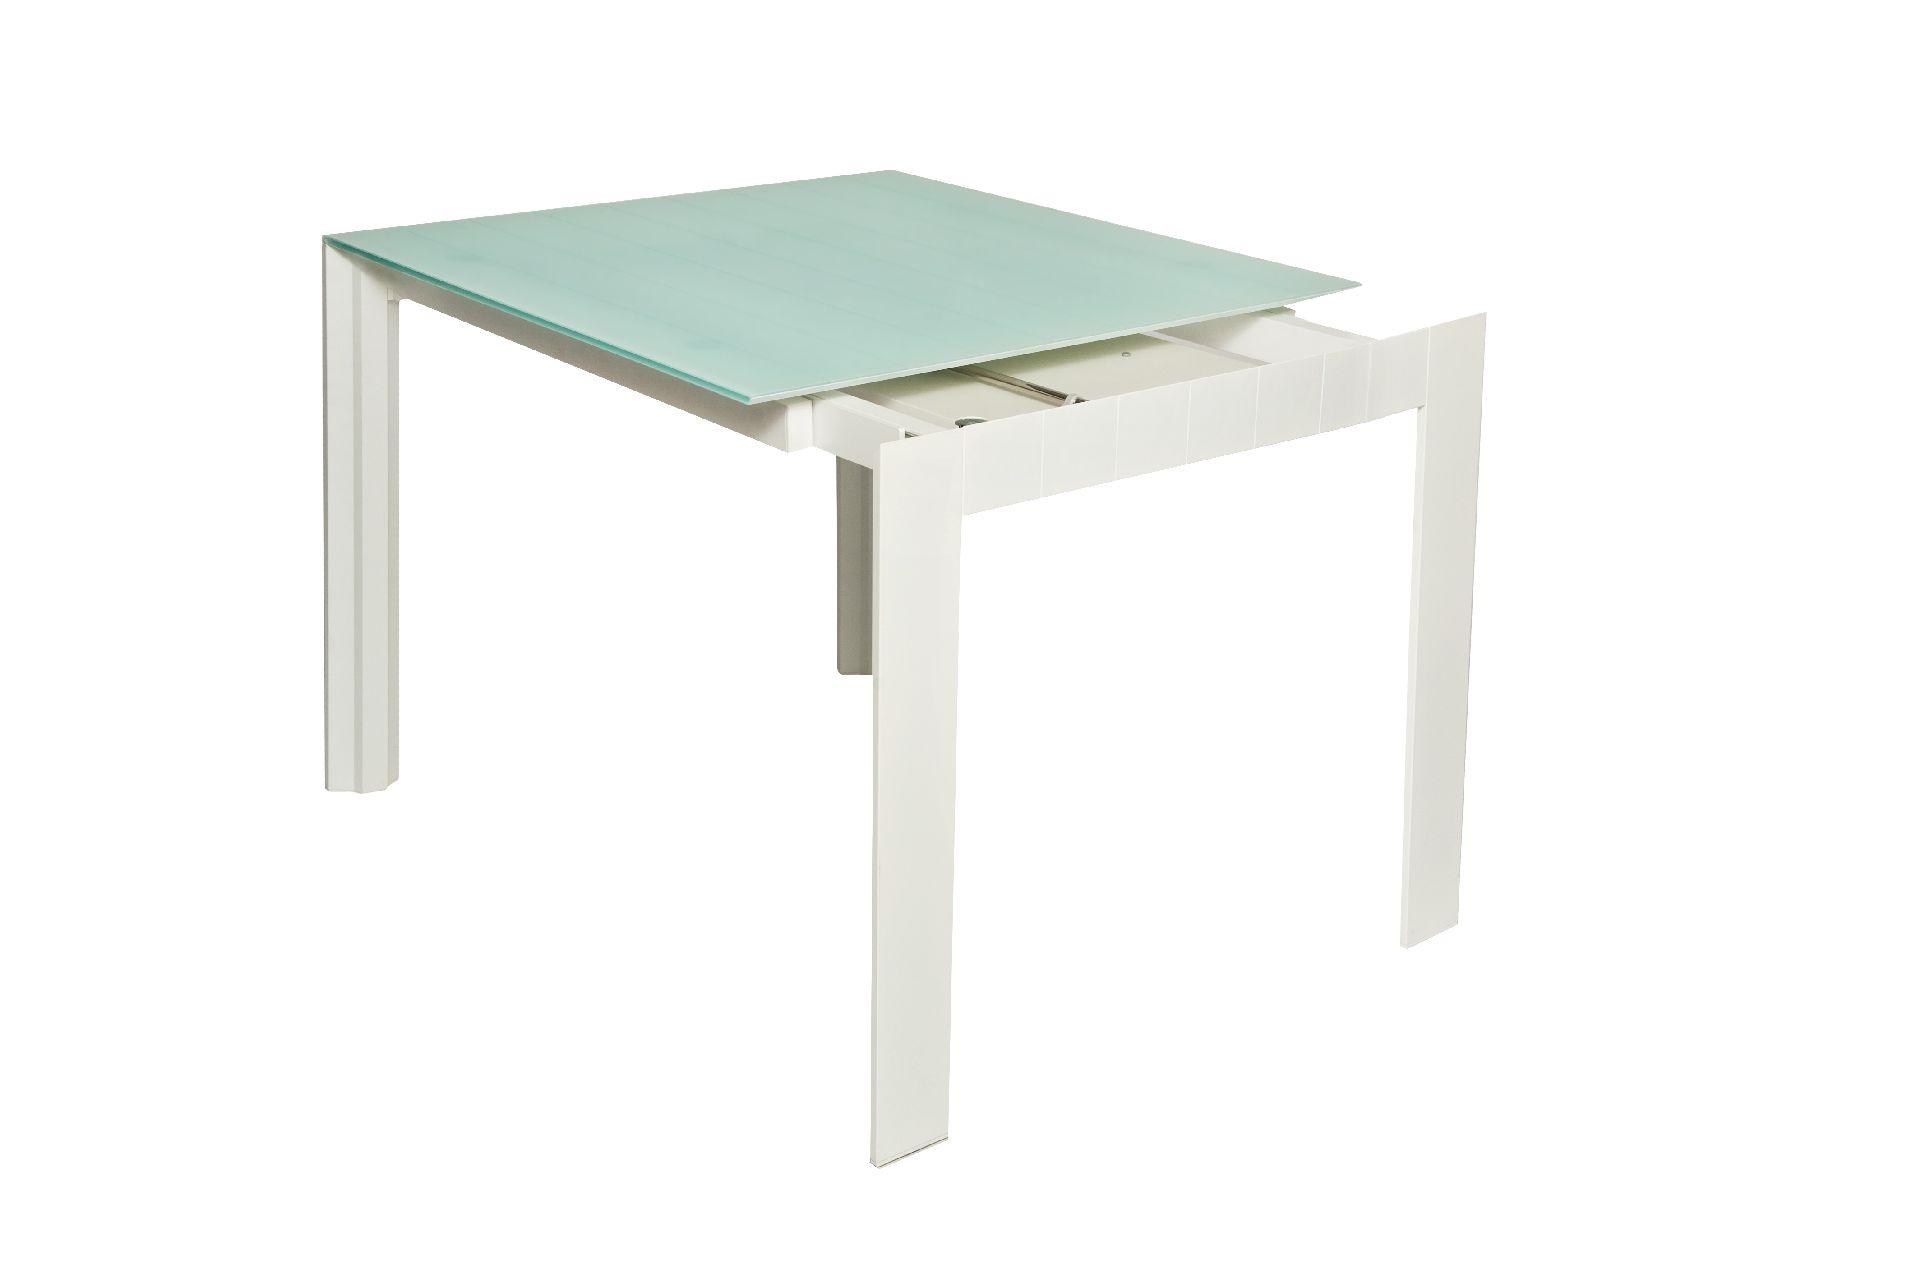 Ripiano In Vetro Per Tavolo.Tavolo Quadrato Allungabile Vetro Higrelays